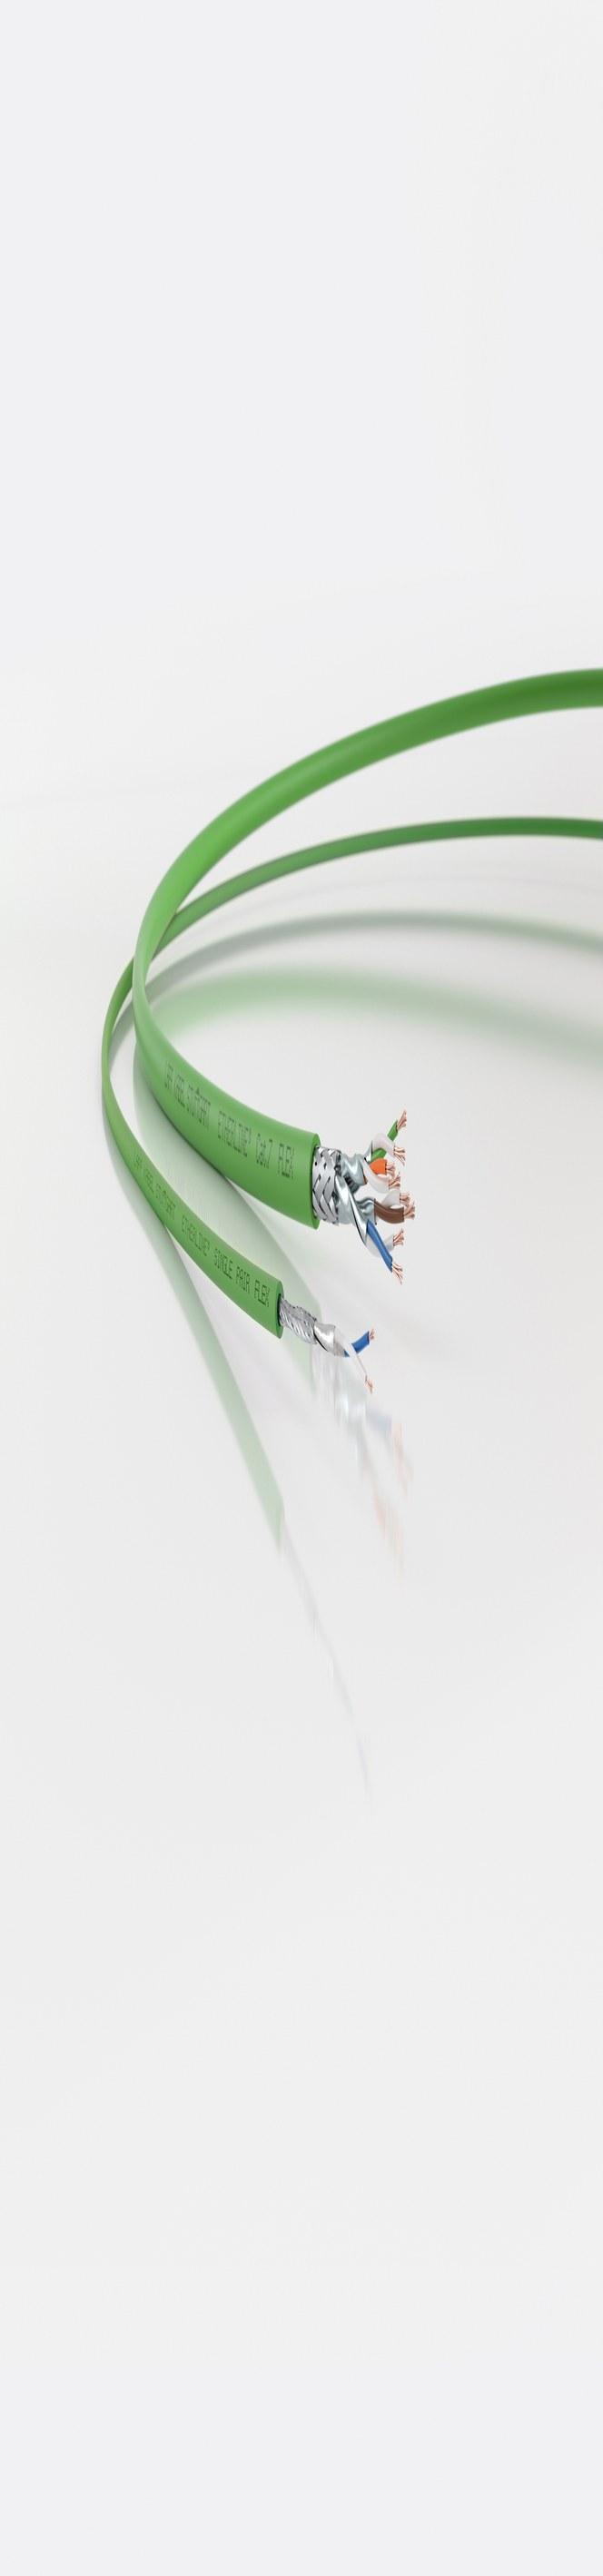 Single-pair Ethernet (SPE): namísto čtyř párů vodičů jeden